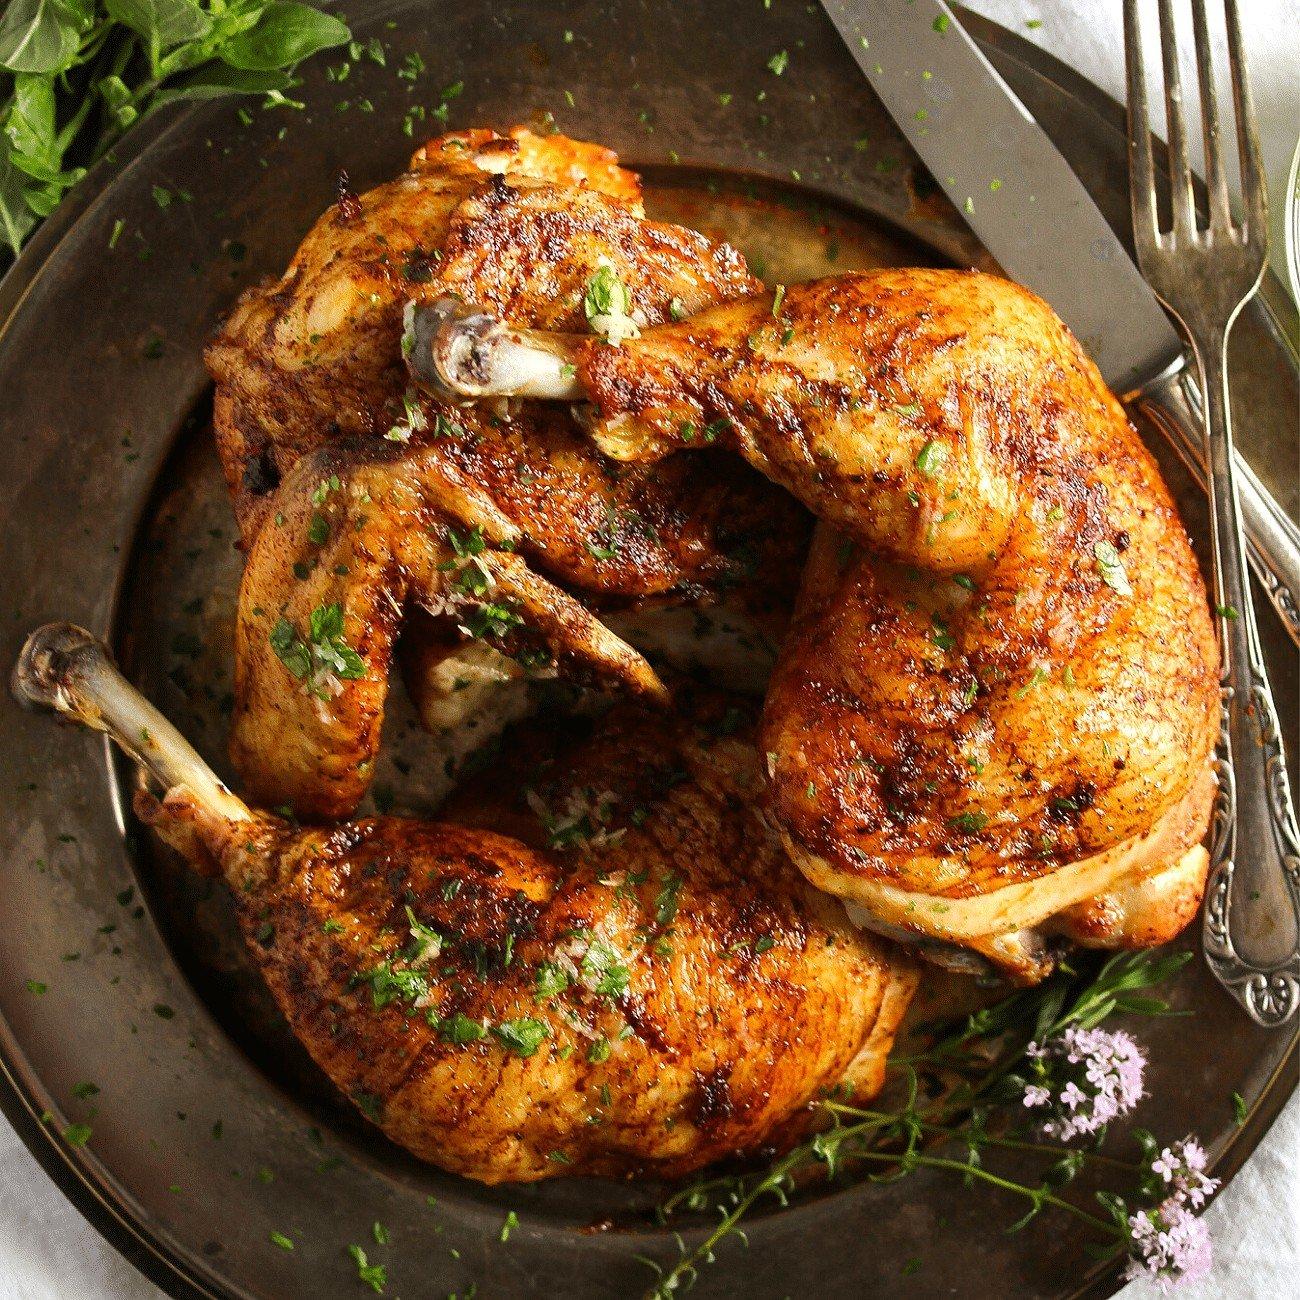 roasted half chicken on a dark plate